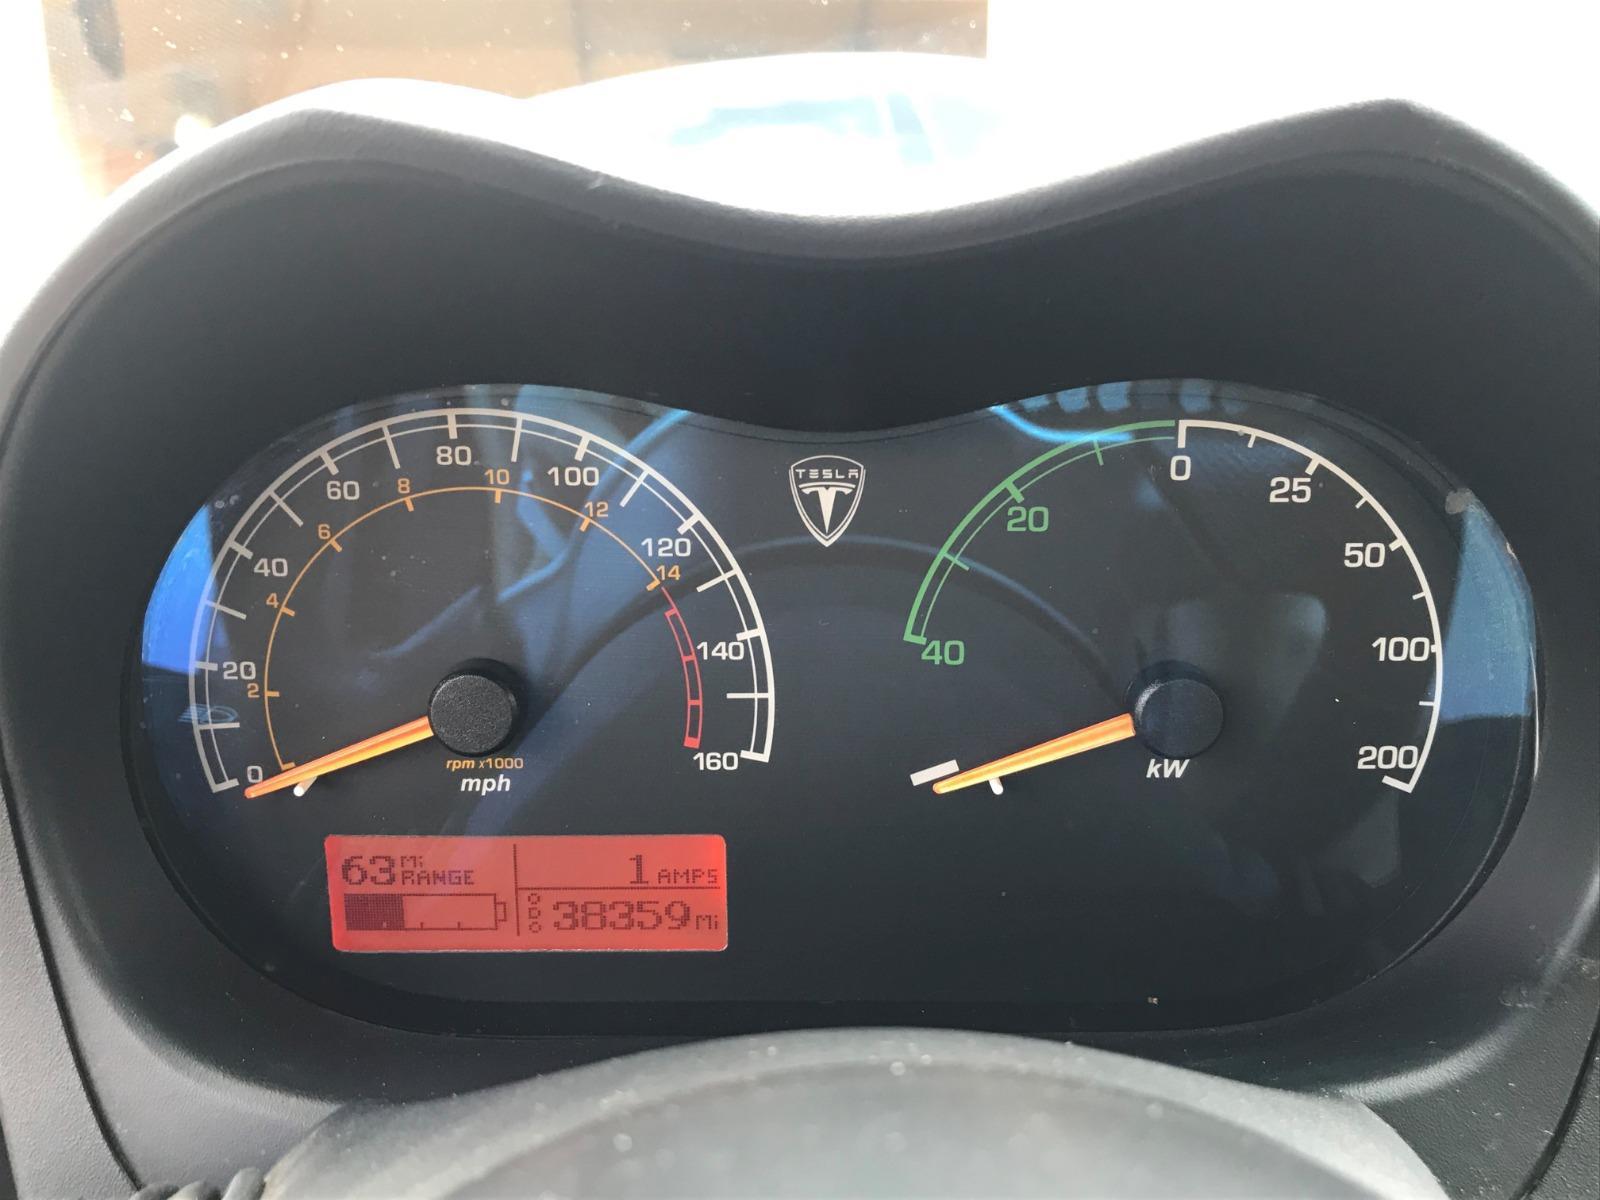 2010 Roadster 3.0 (R80) full